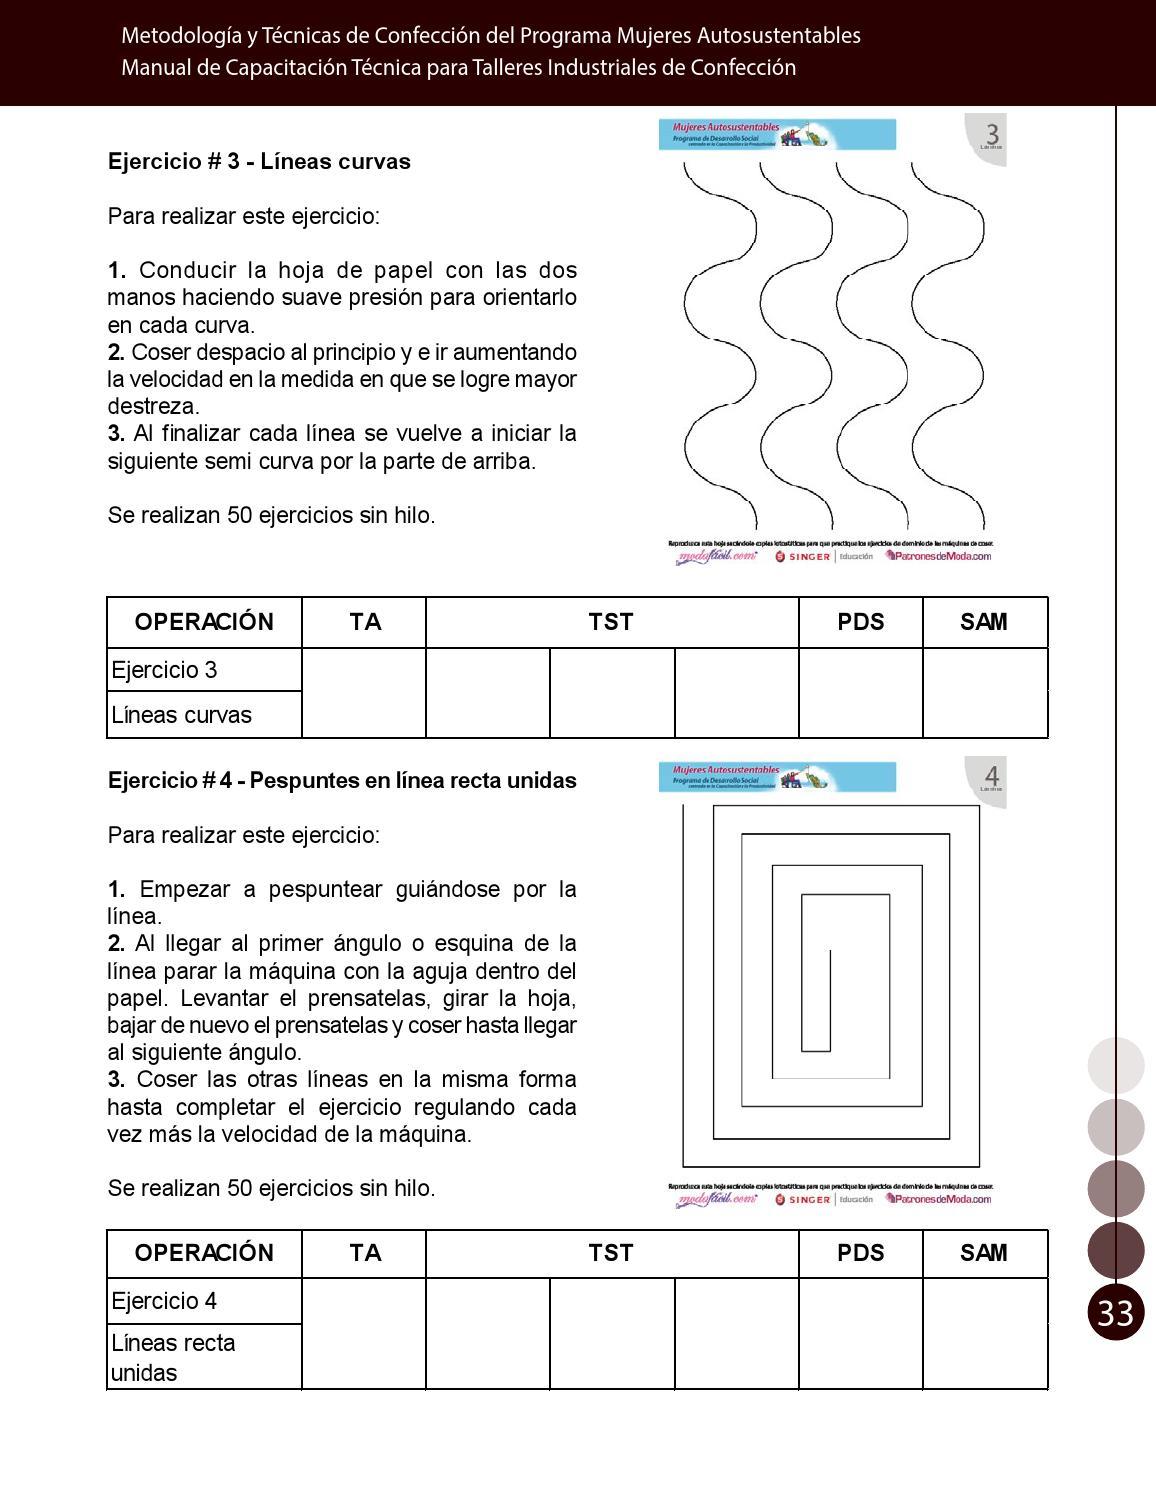 Manual Técnico de Capacitación en Procesos de Confección Industrial